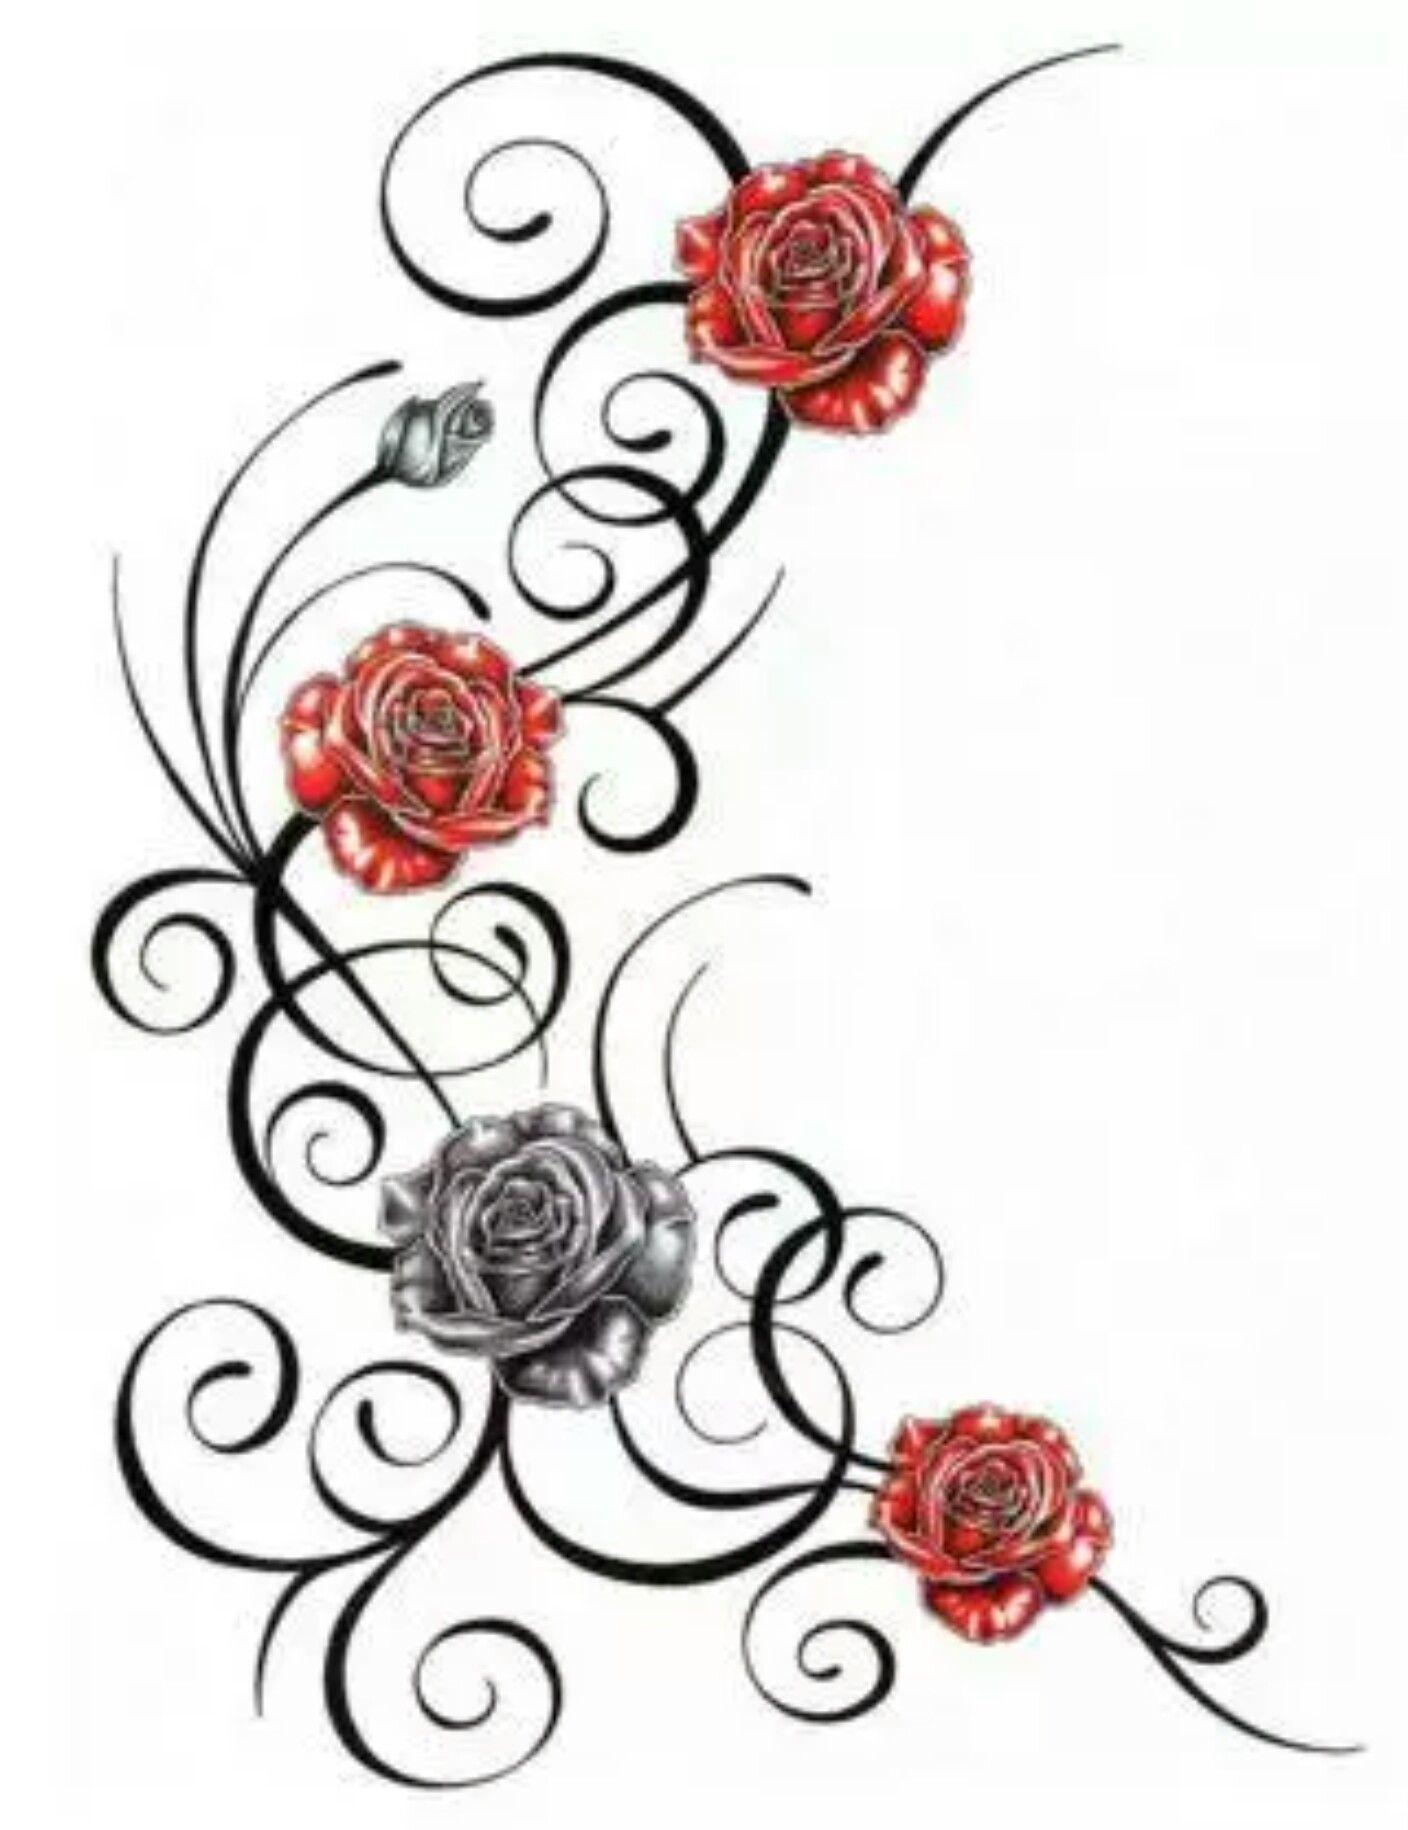 1408x1830 Tattoos Tumblr Tribal Tattoo Design Of Tattoos Charming